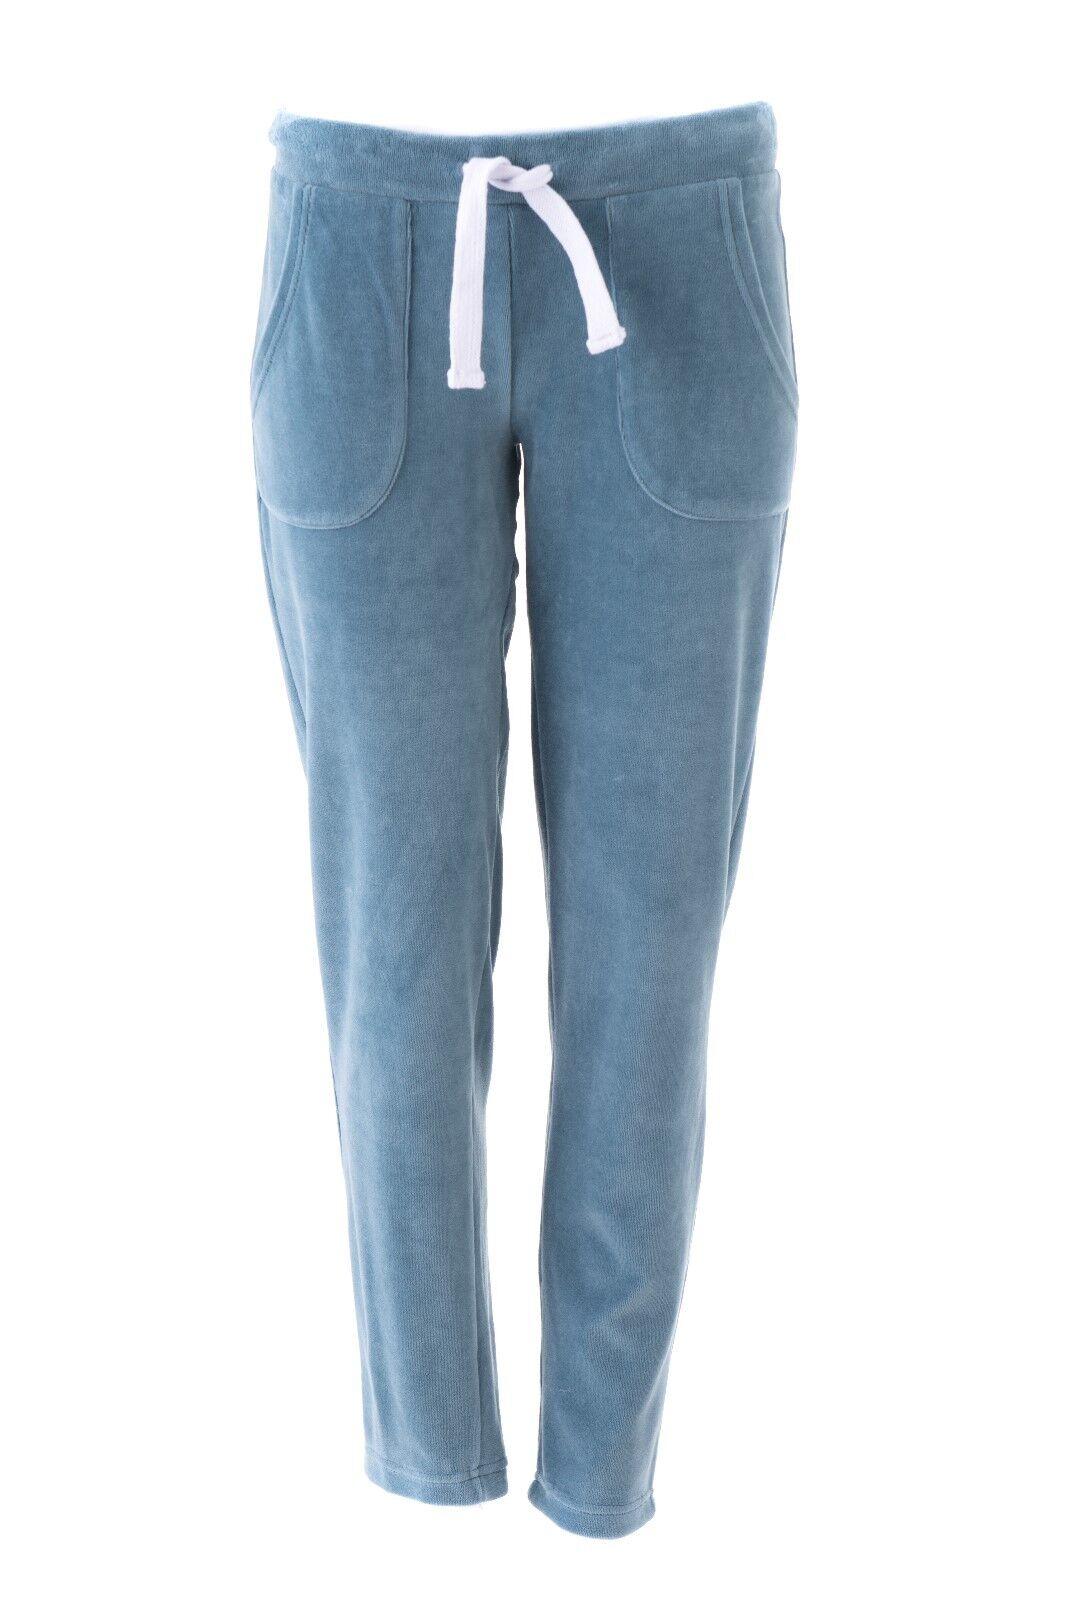 %% LOUIS LOUIS LOUIS & LOUISA  Homewear Hose Nicky Damen petrol Gr. XS - XL NEU %% 638ea4